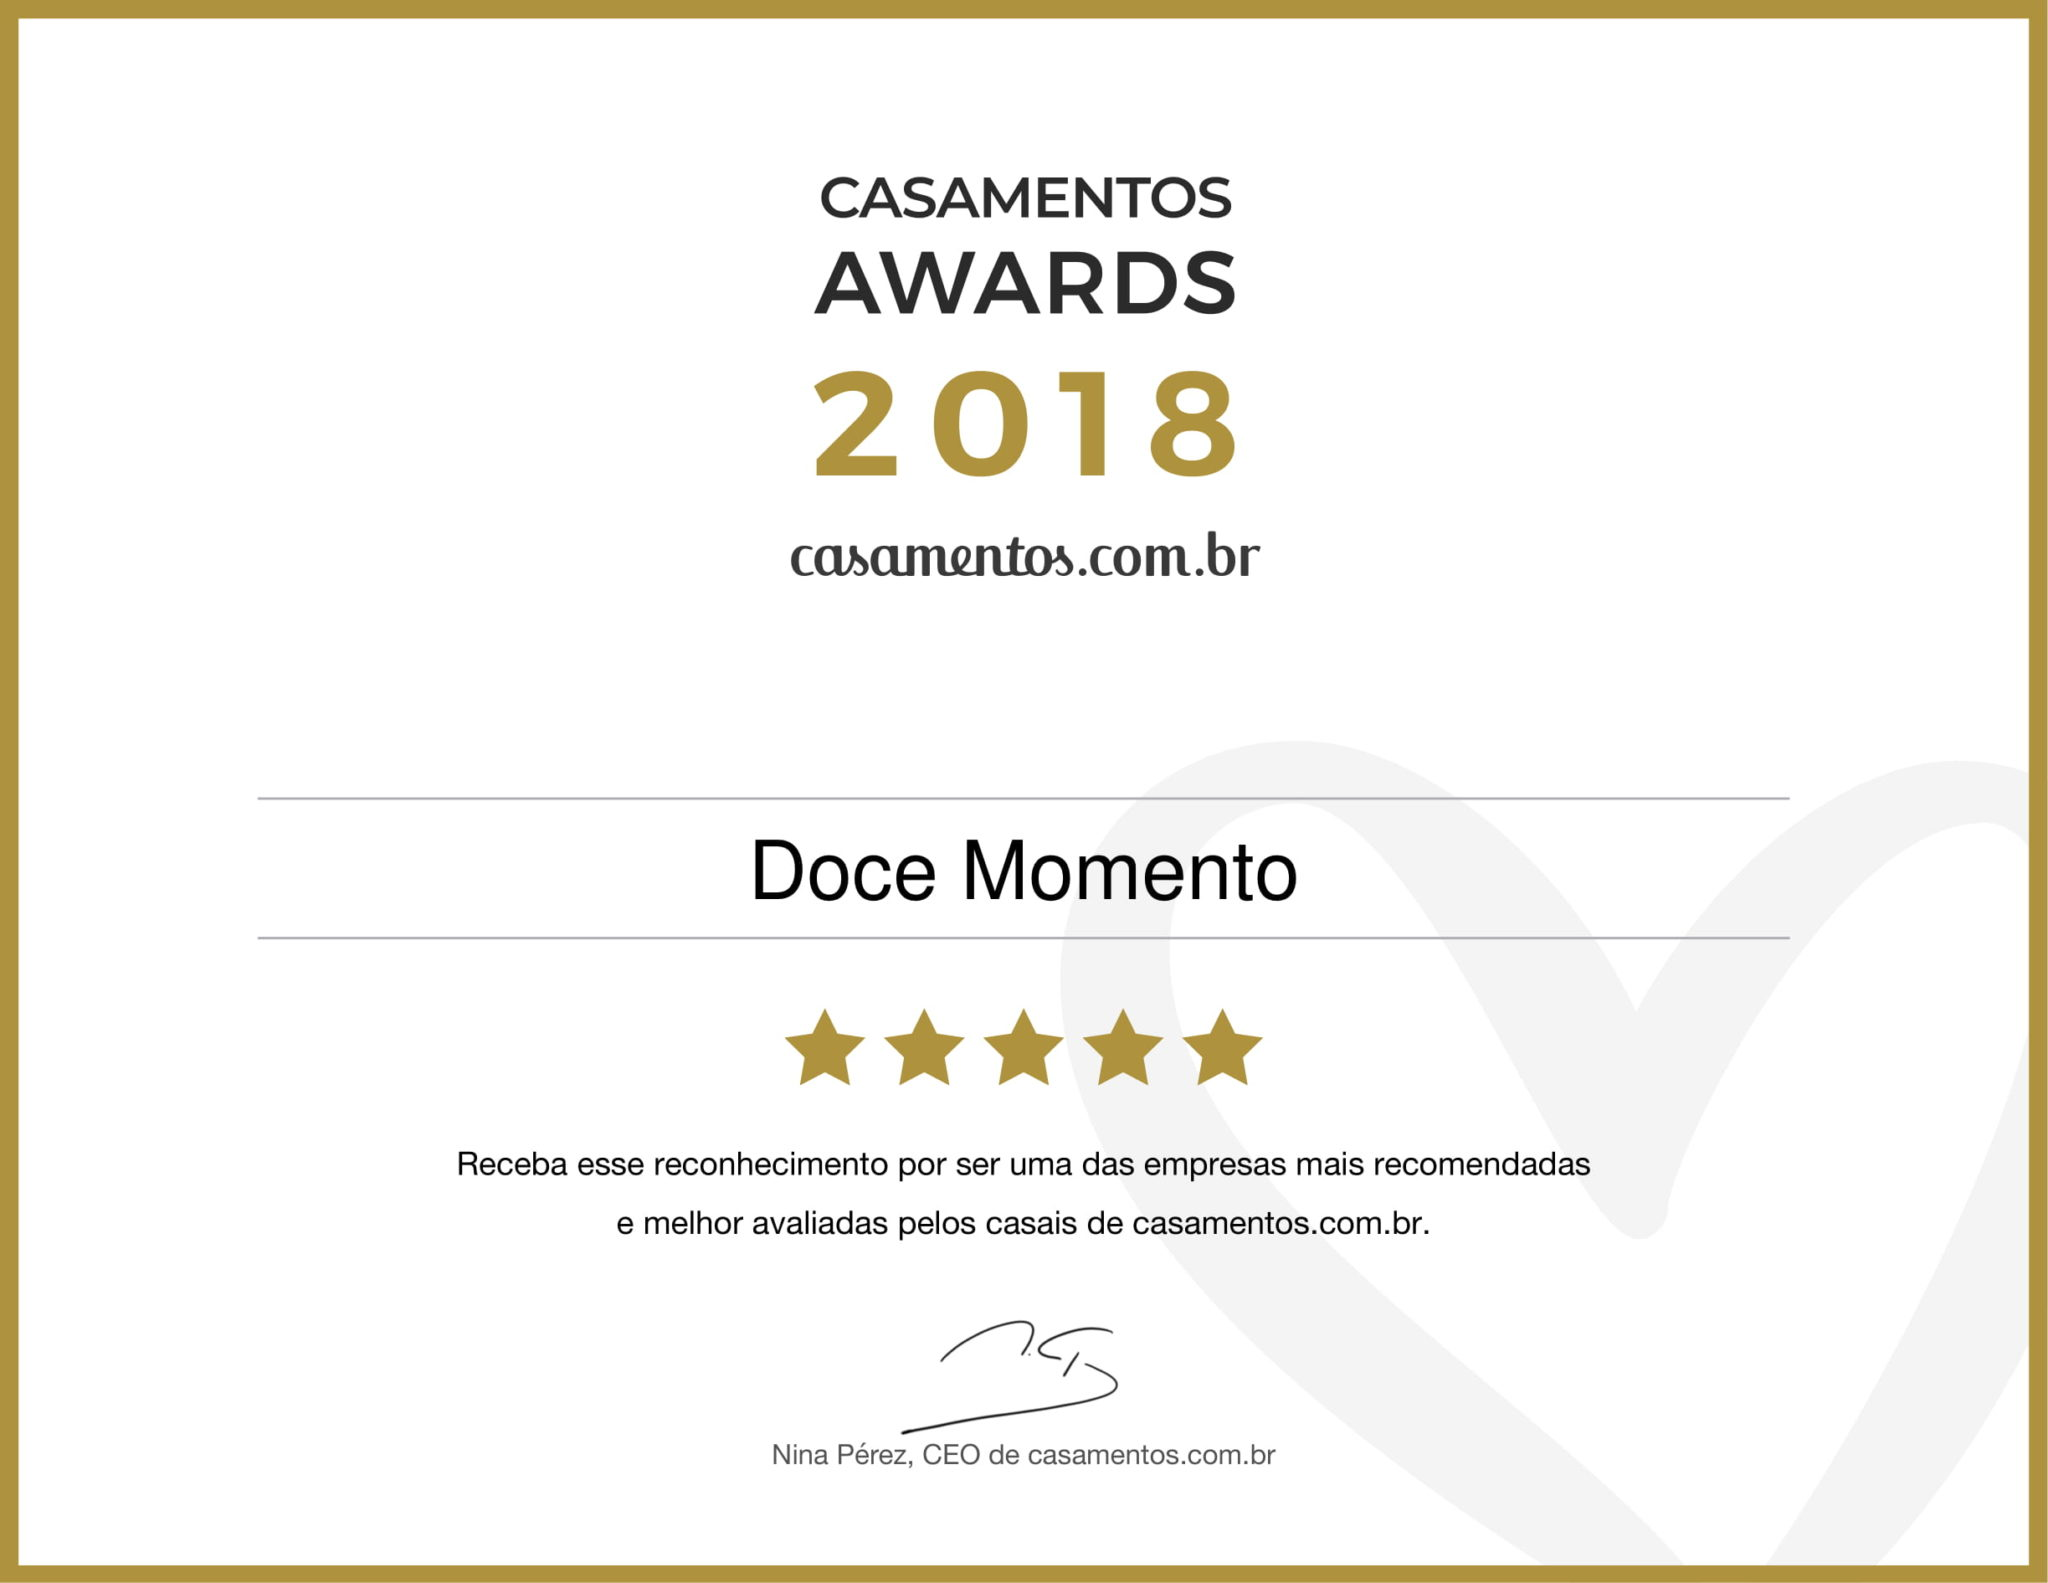 Doce Momento Casamento Awards